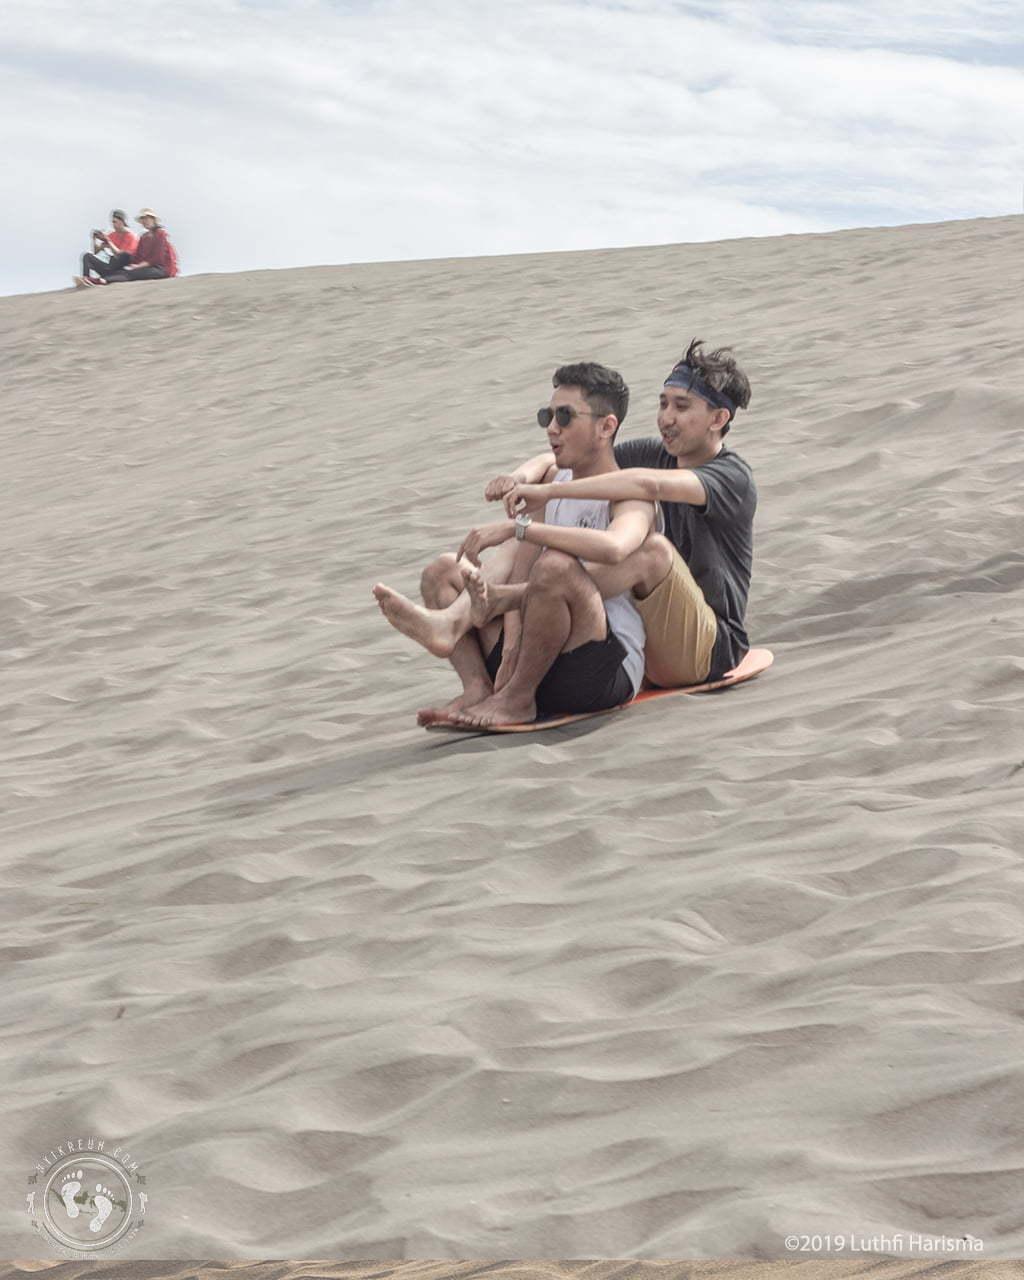 Sandboarding untuk pemula bisa sambil duduk